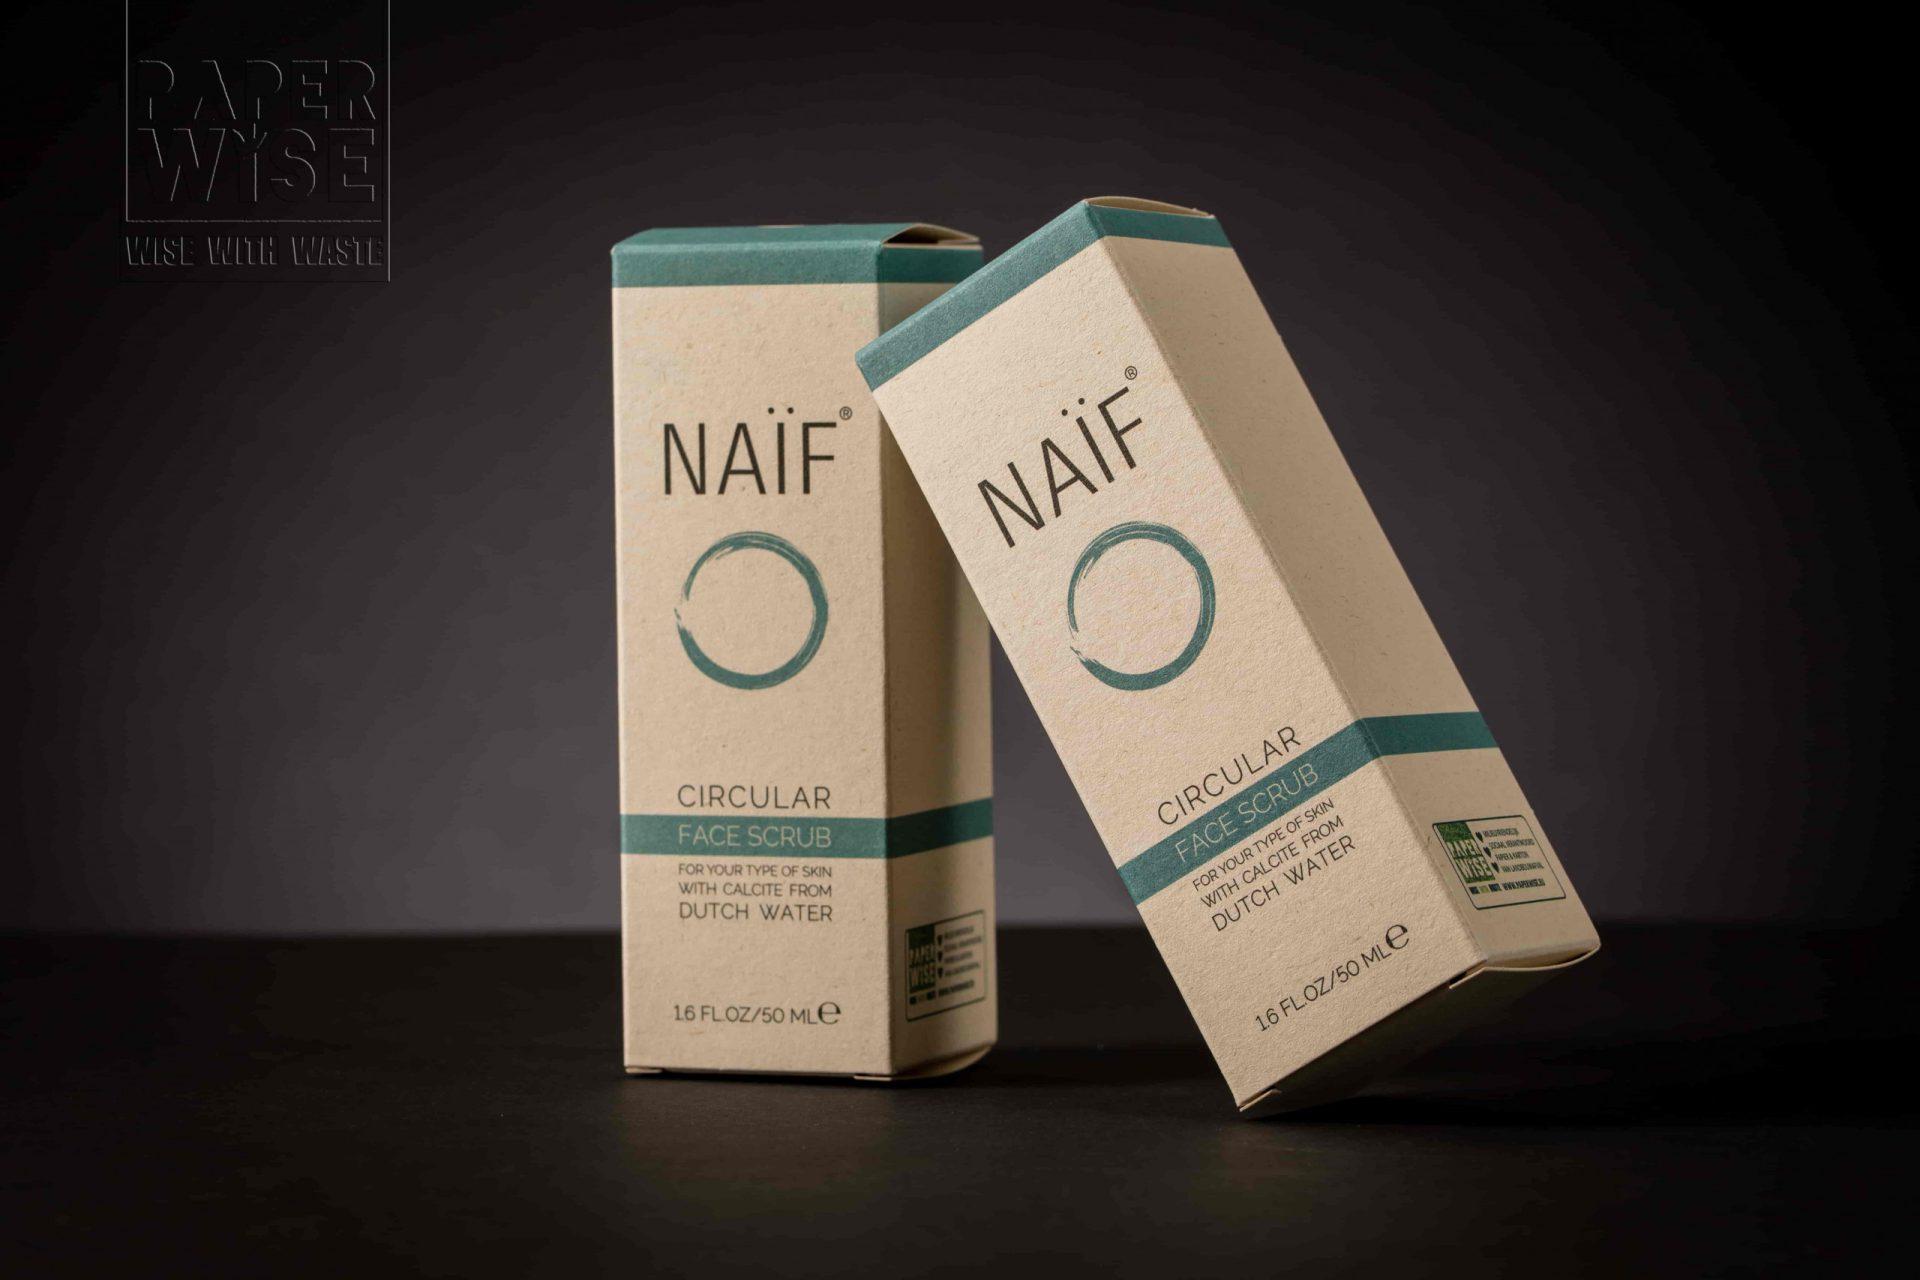 PaperWise packaging natural facial scrub Nai?f 2